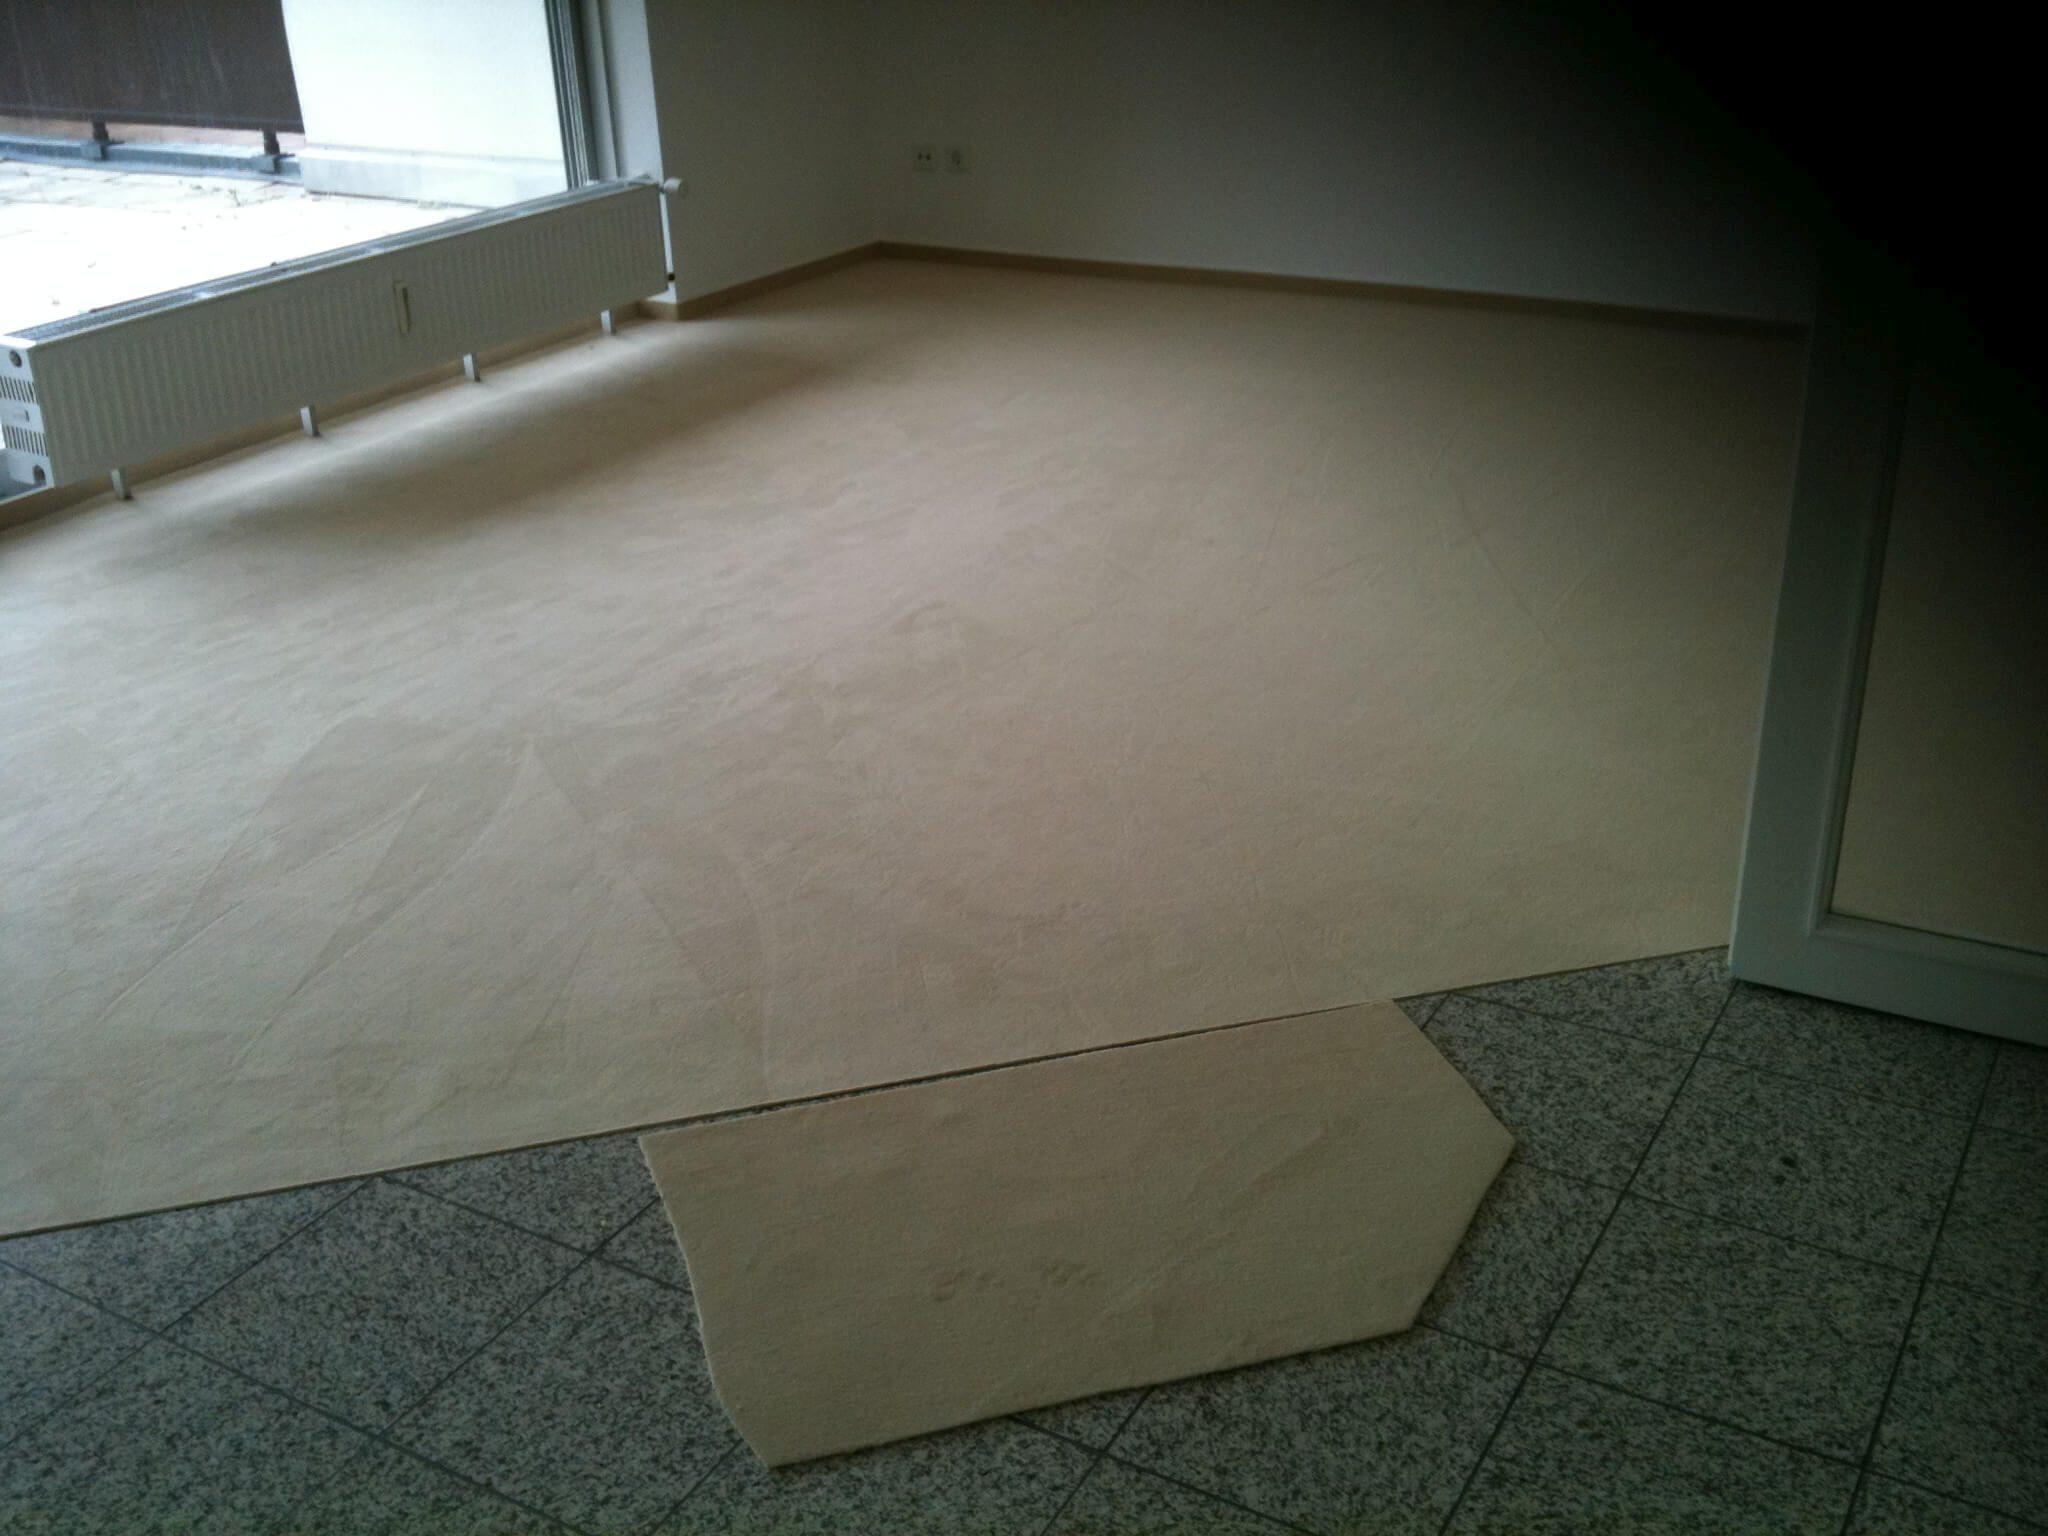 Velours-Teppich sauber verleg